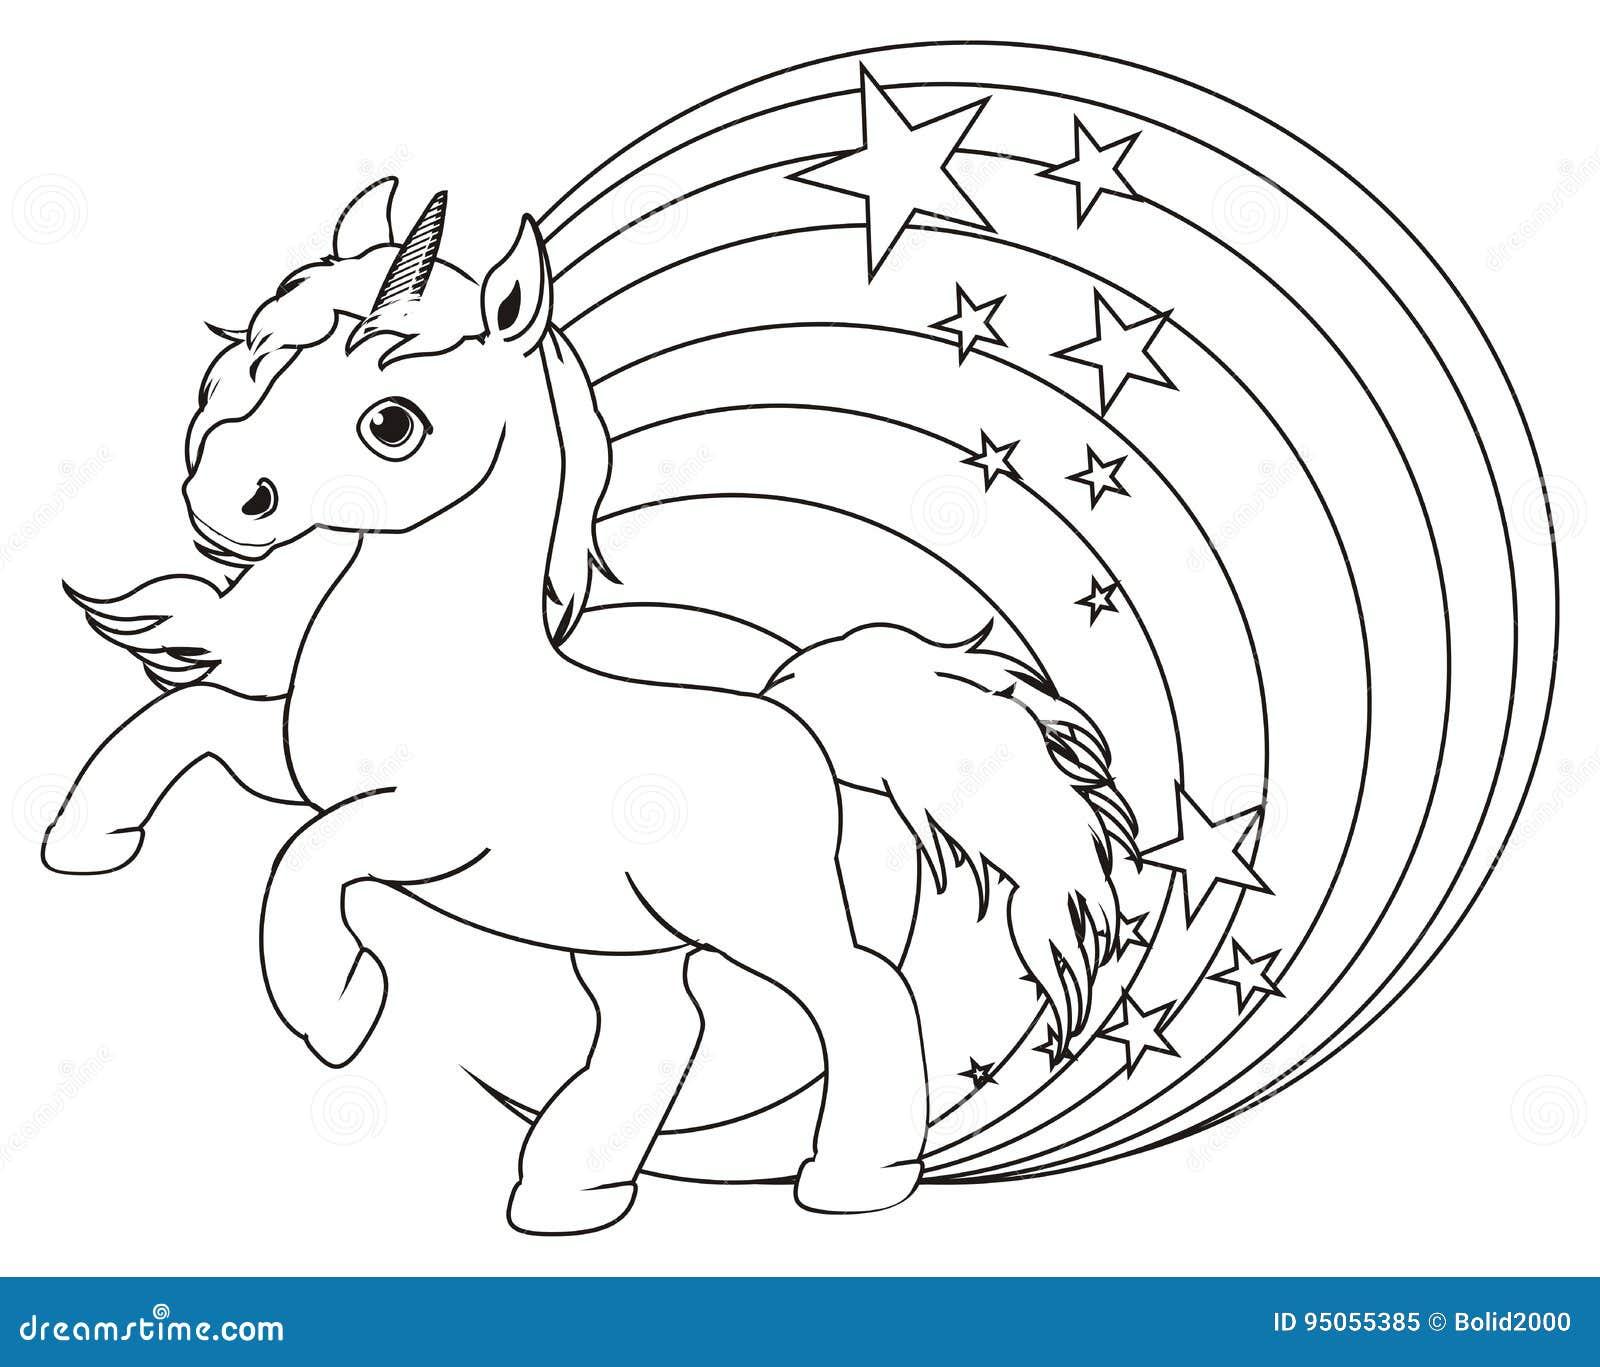 Kolorystyki Tecza I Jednorozec Ilustracji Ilustracja Zlozonej Z Kresk Zwierz 95055385